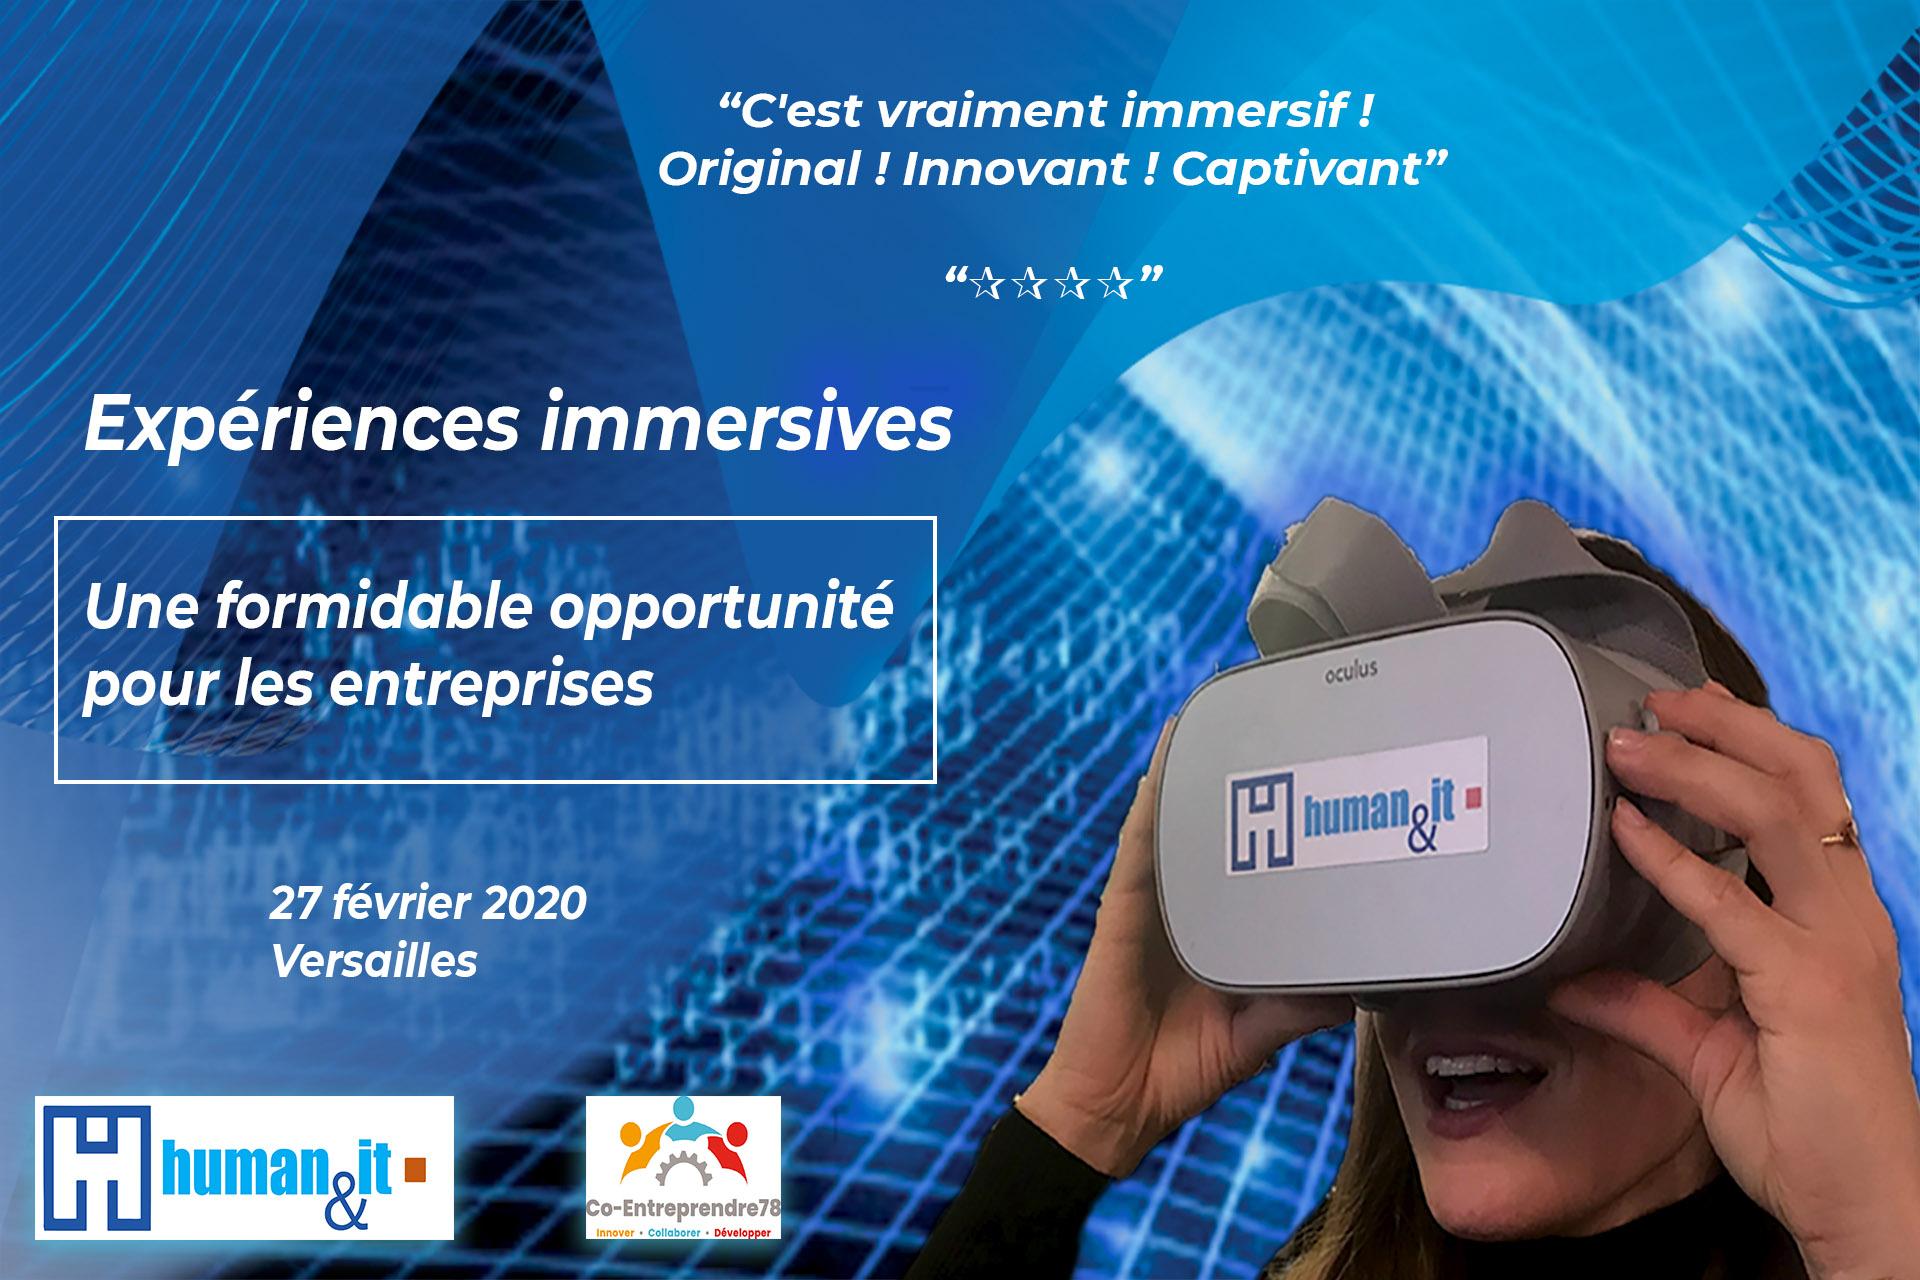 Human & IT Les usage de la réalité virtuelle au service des RH : onboarding immersif soft skills VR recrutement #VR #RV